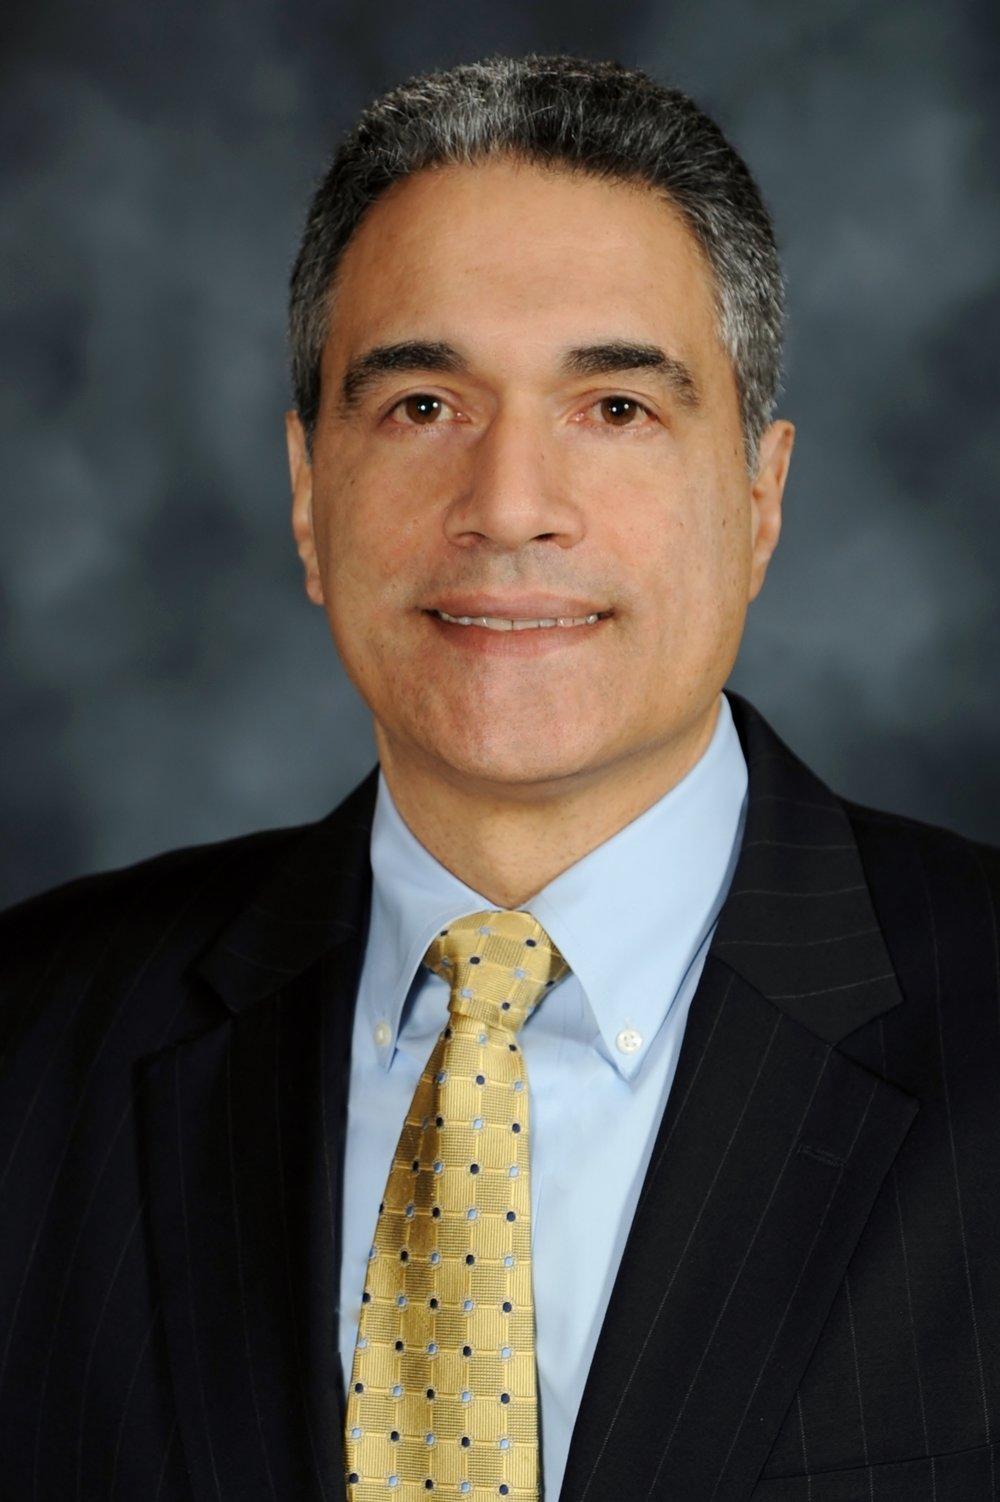 Joseph C. Bonfiglio